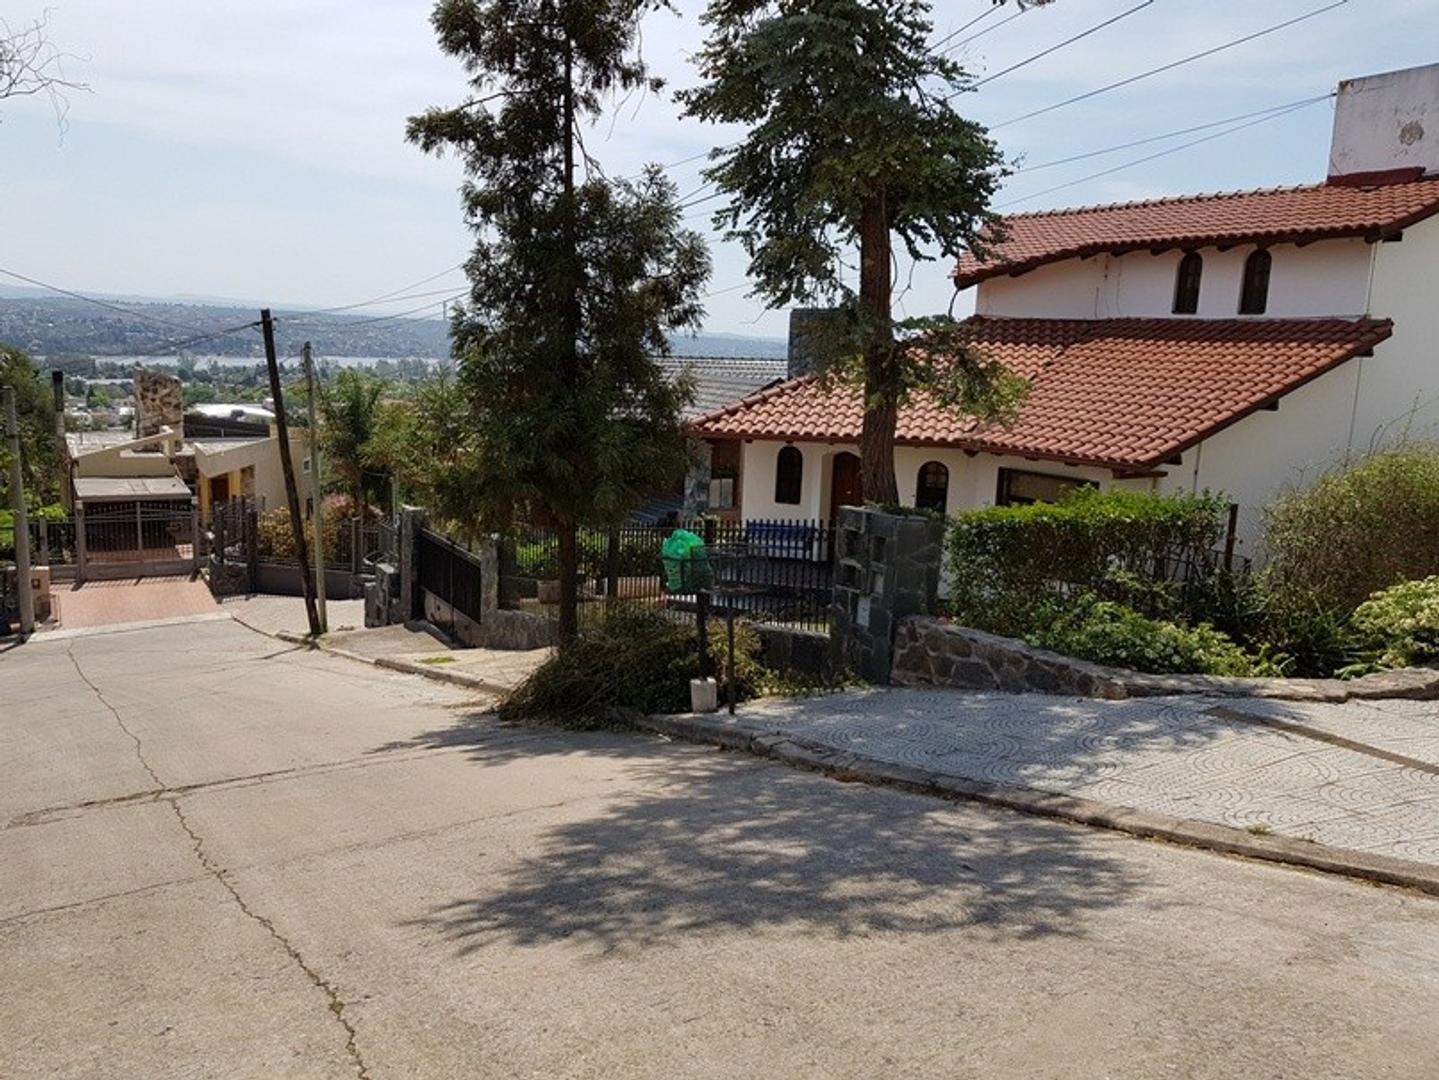 MUY LINDA CASA EN CARLOS PAZ, EN ALQUILER TEMPORARIO, BARRIO LA CUESTA, VISTA PANORÁMICA. Temp 2020 - Foto 19